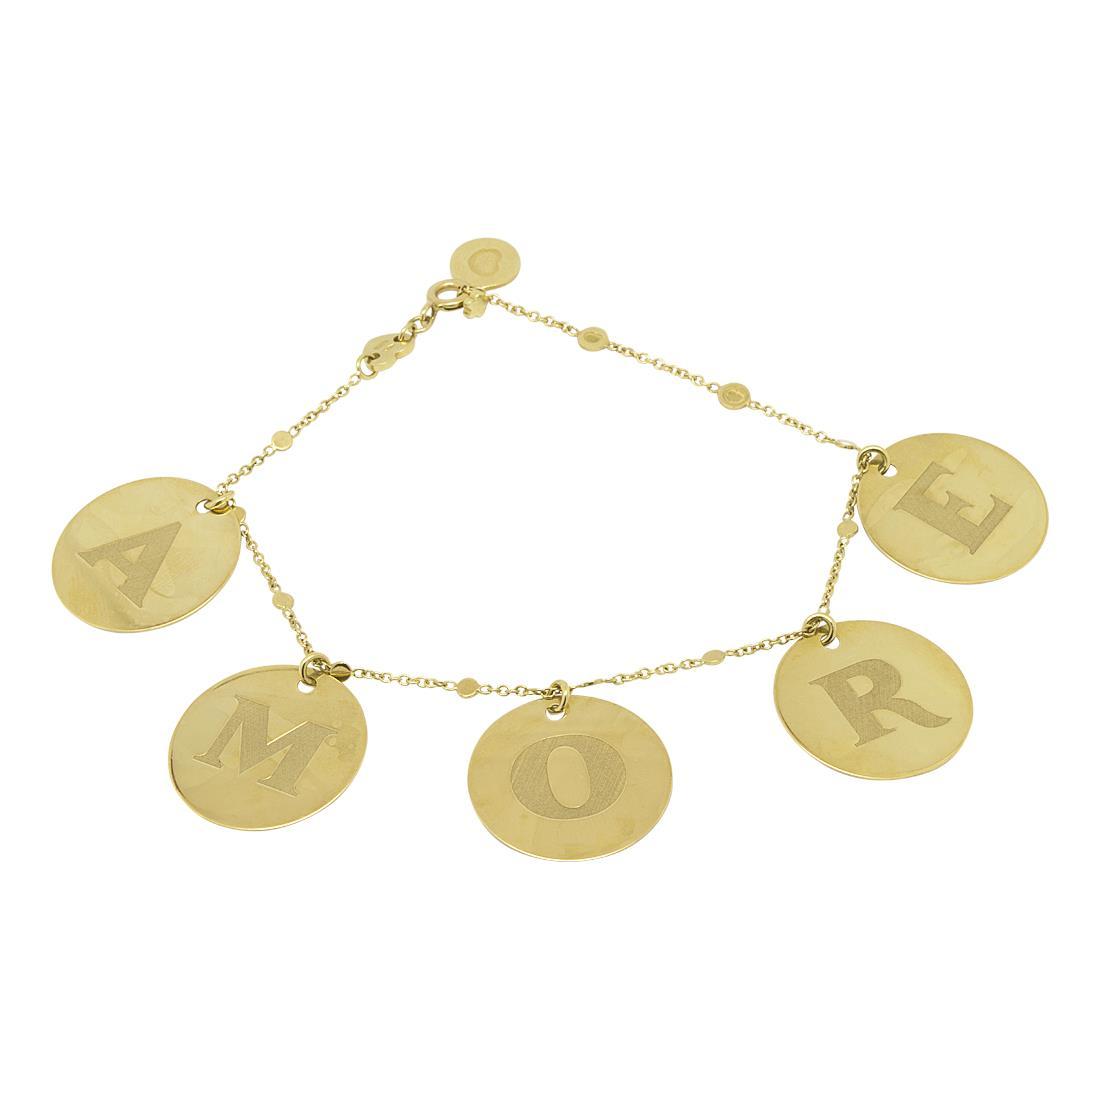 Bracciale in oro giallo con medaglie amore - PASQUALE BRUNI